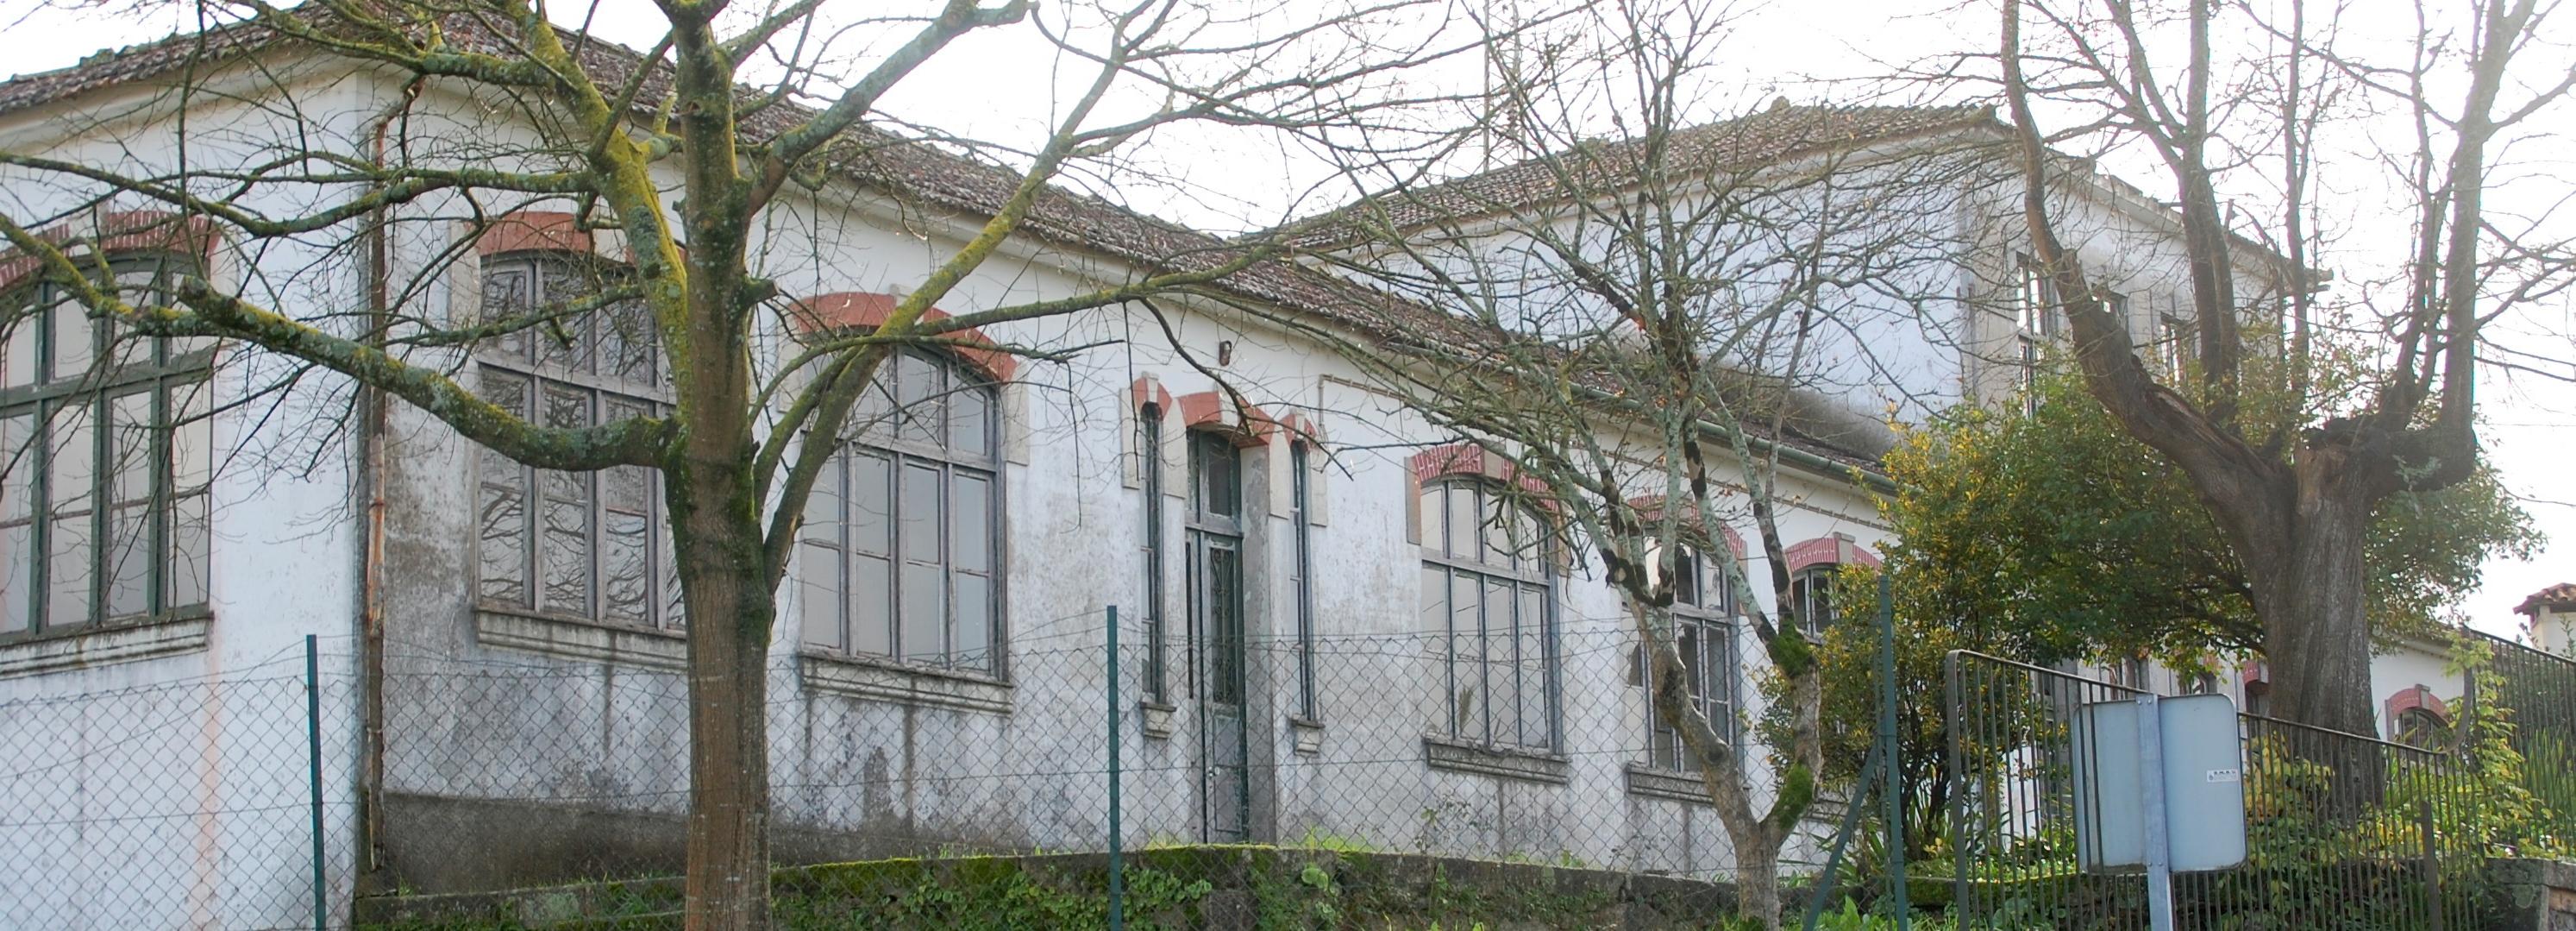 Câmara Municipal aprovou doação da antiga escola primária à Freguesia de Alvelos